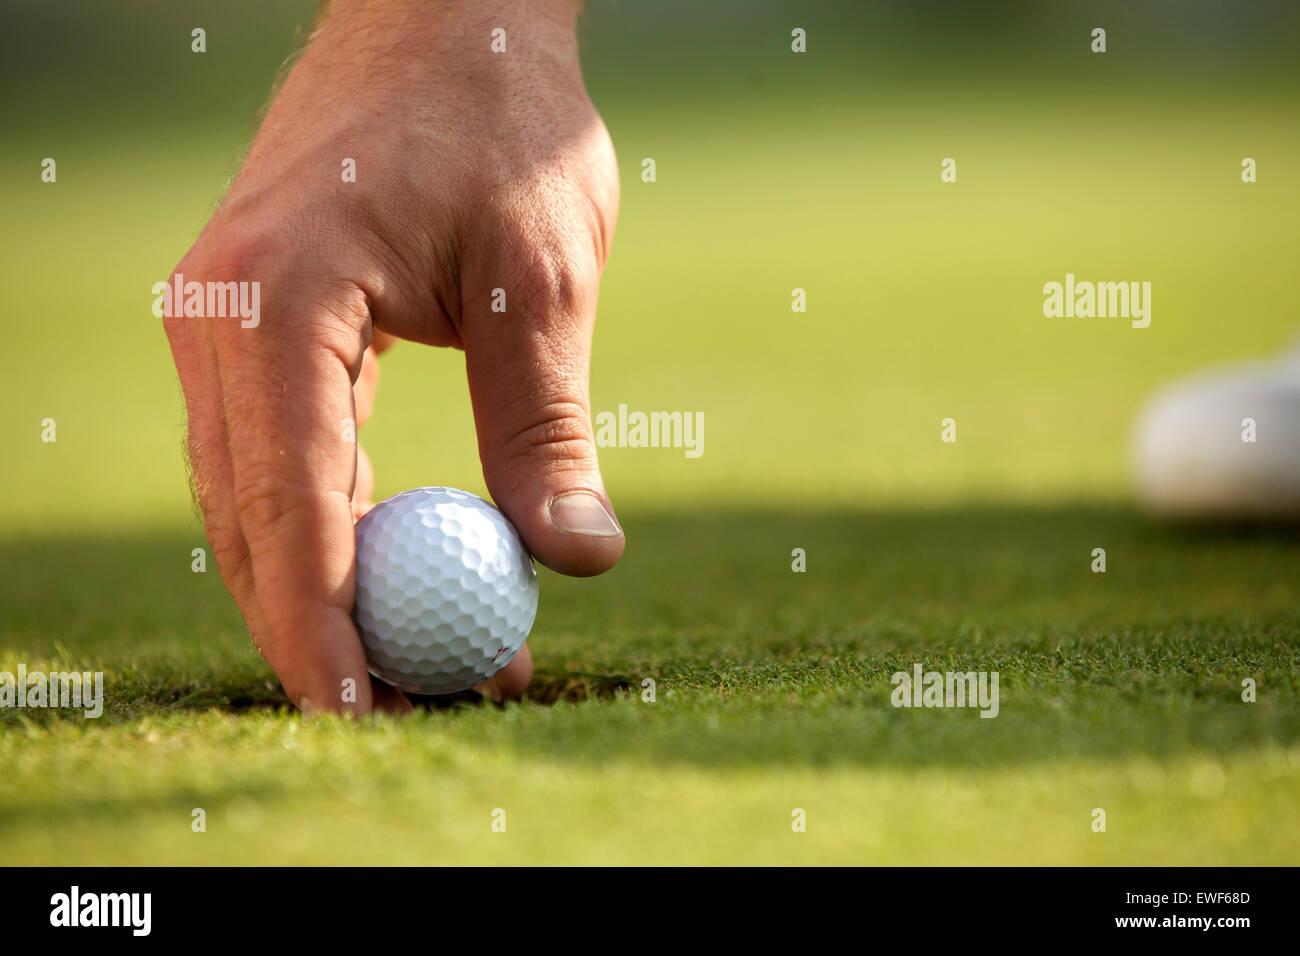 Persona in possesso di palla da golf, close-up Immagini Stock